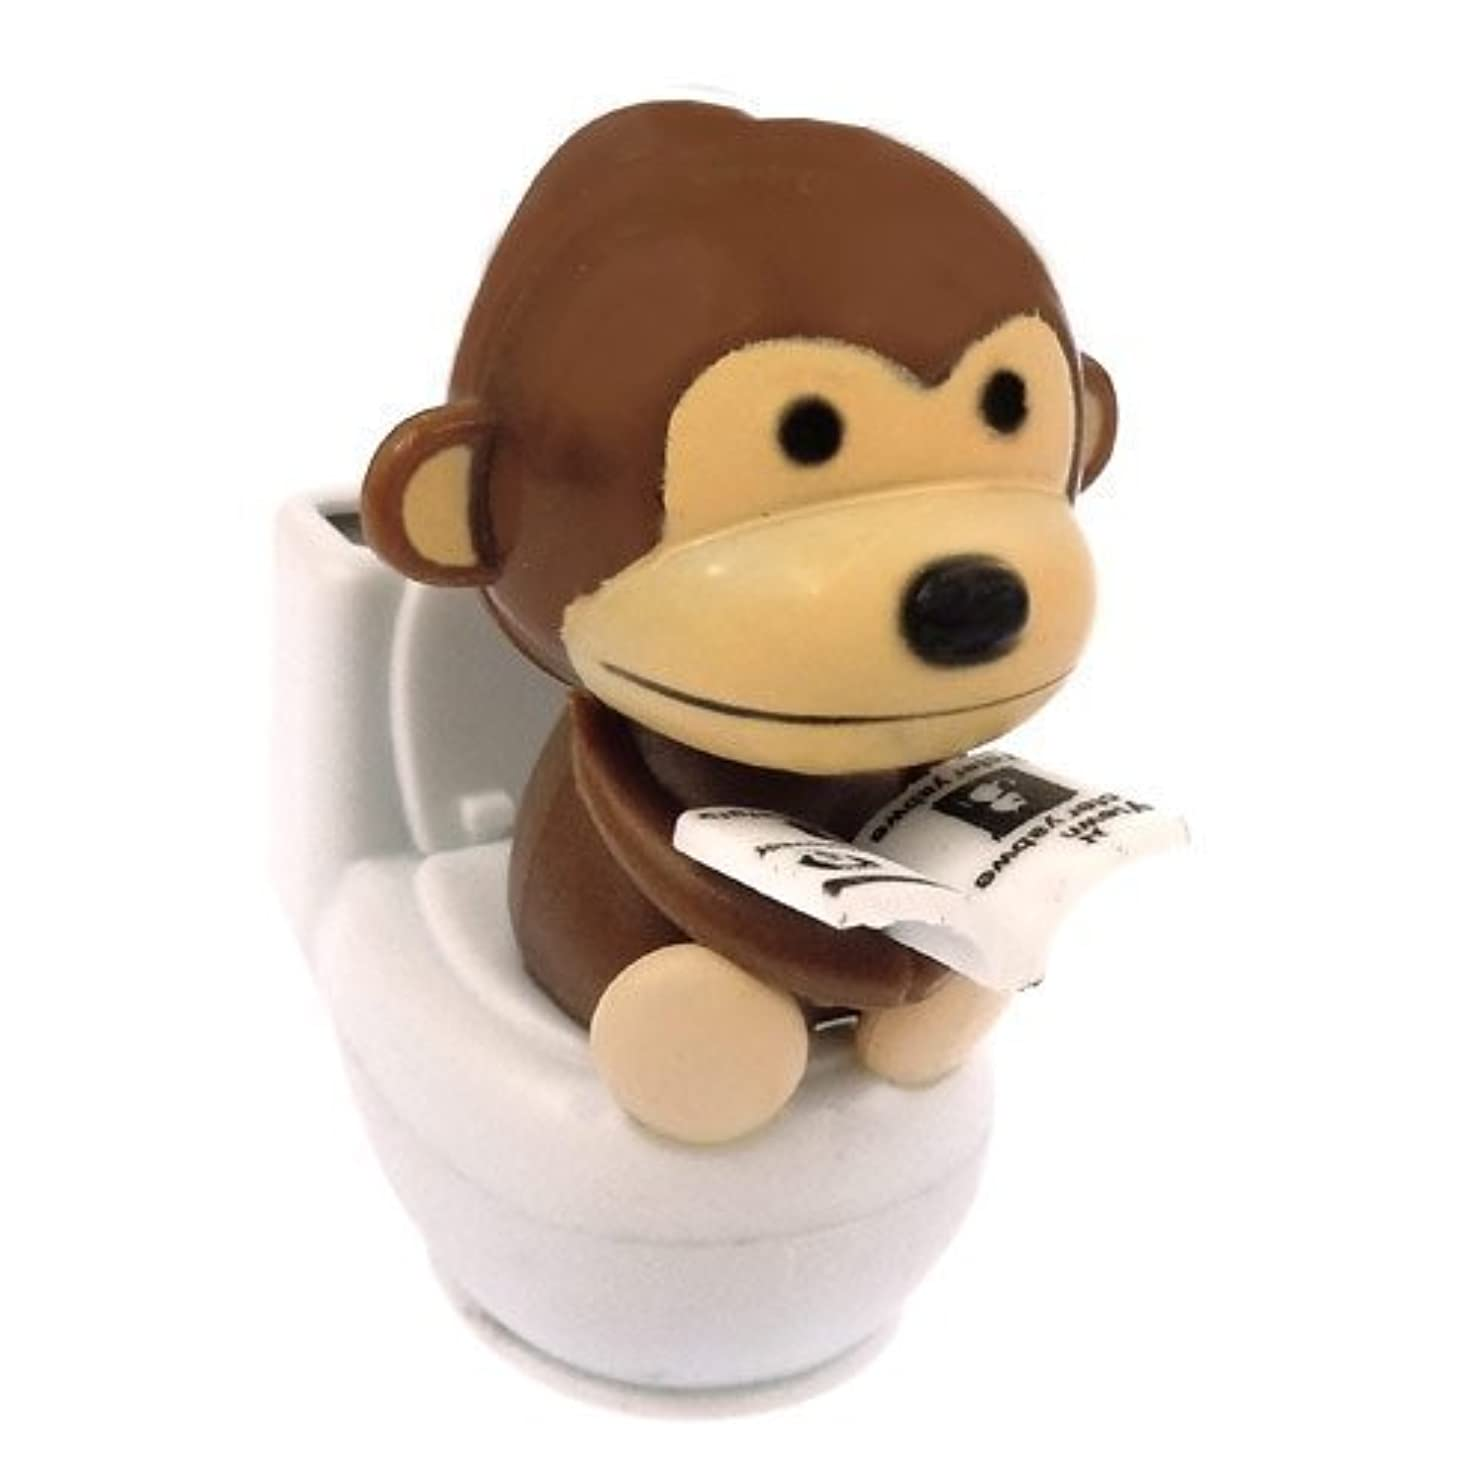 Solar Power Motion Toy - Monkey on Toilet - Brown xulaknmmcau01